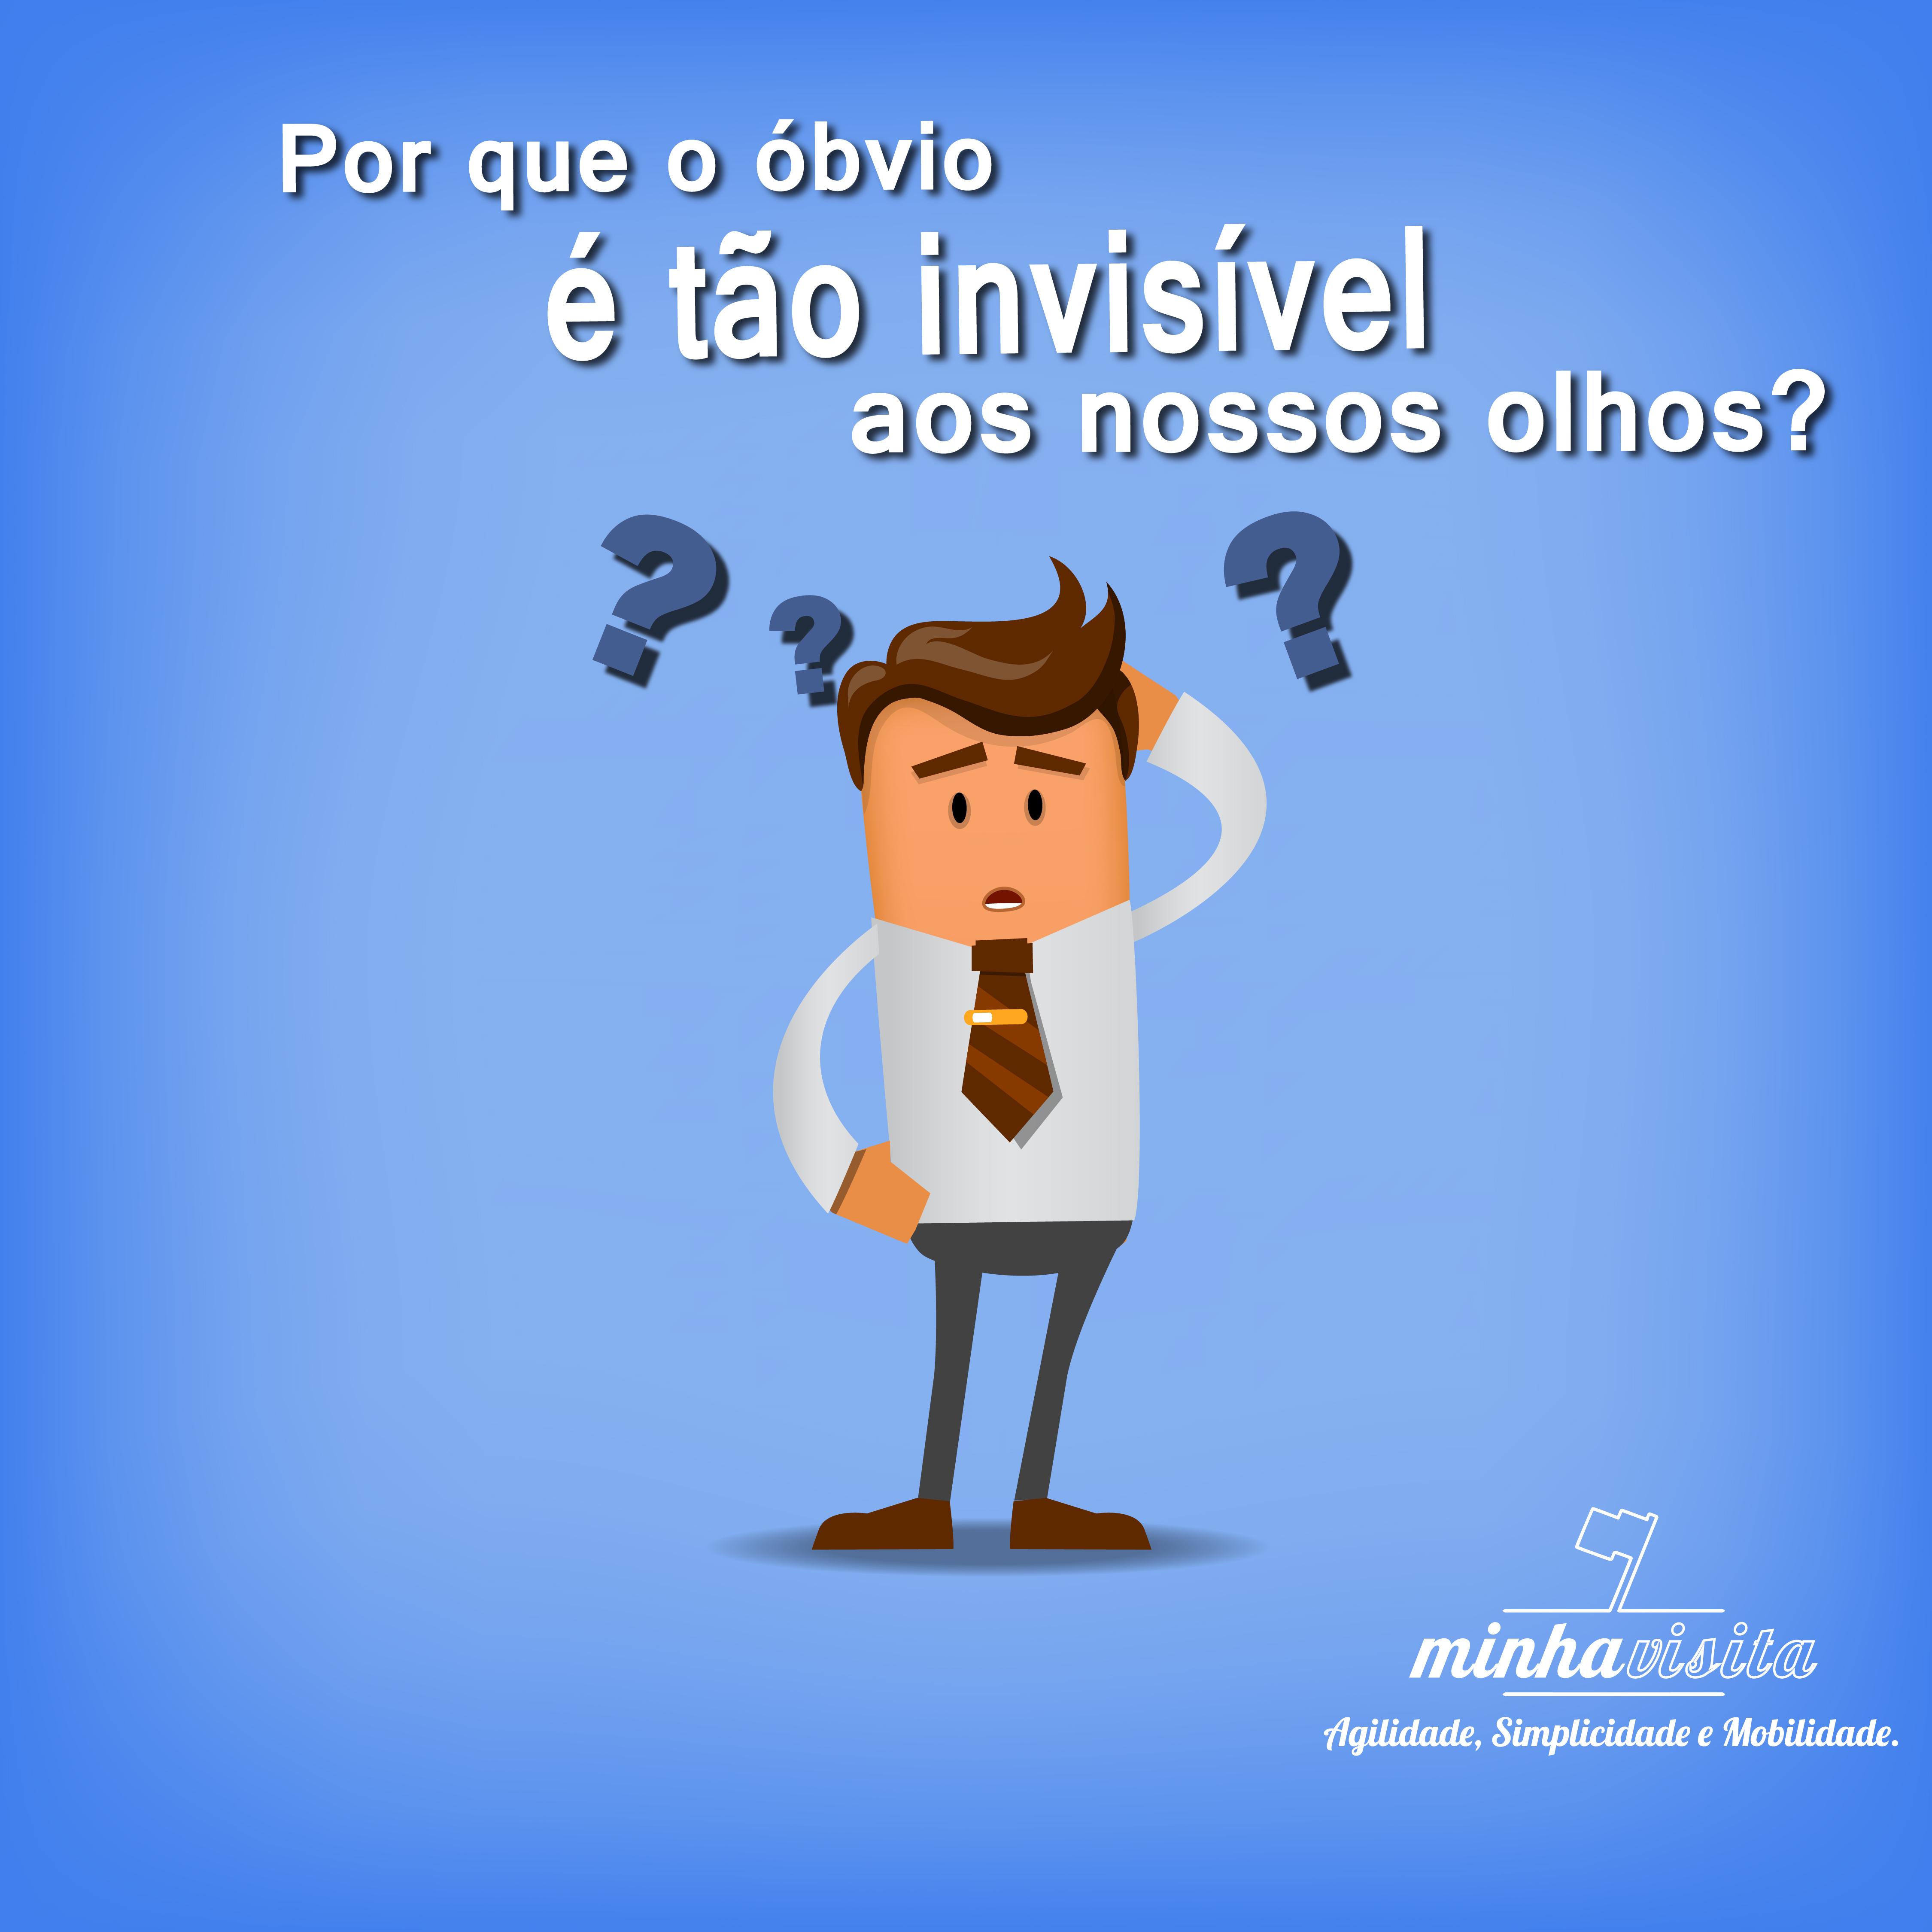 #Porque o óbvio é tão invisível aos nossos olhos?